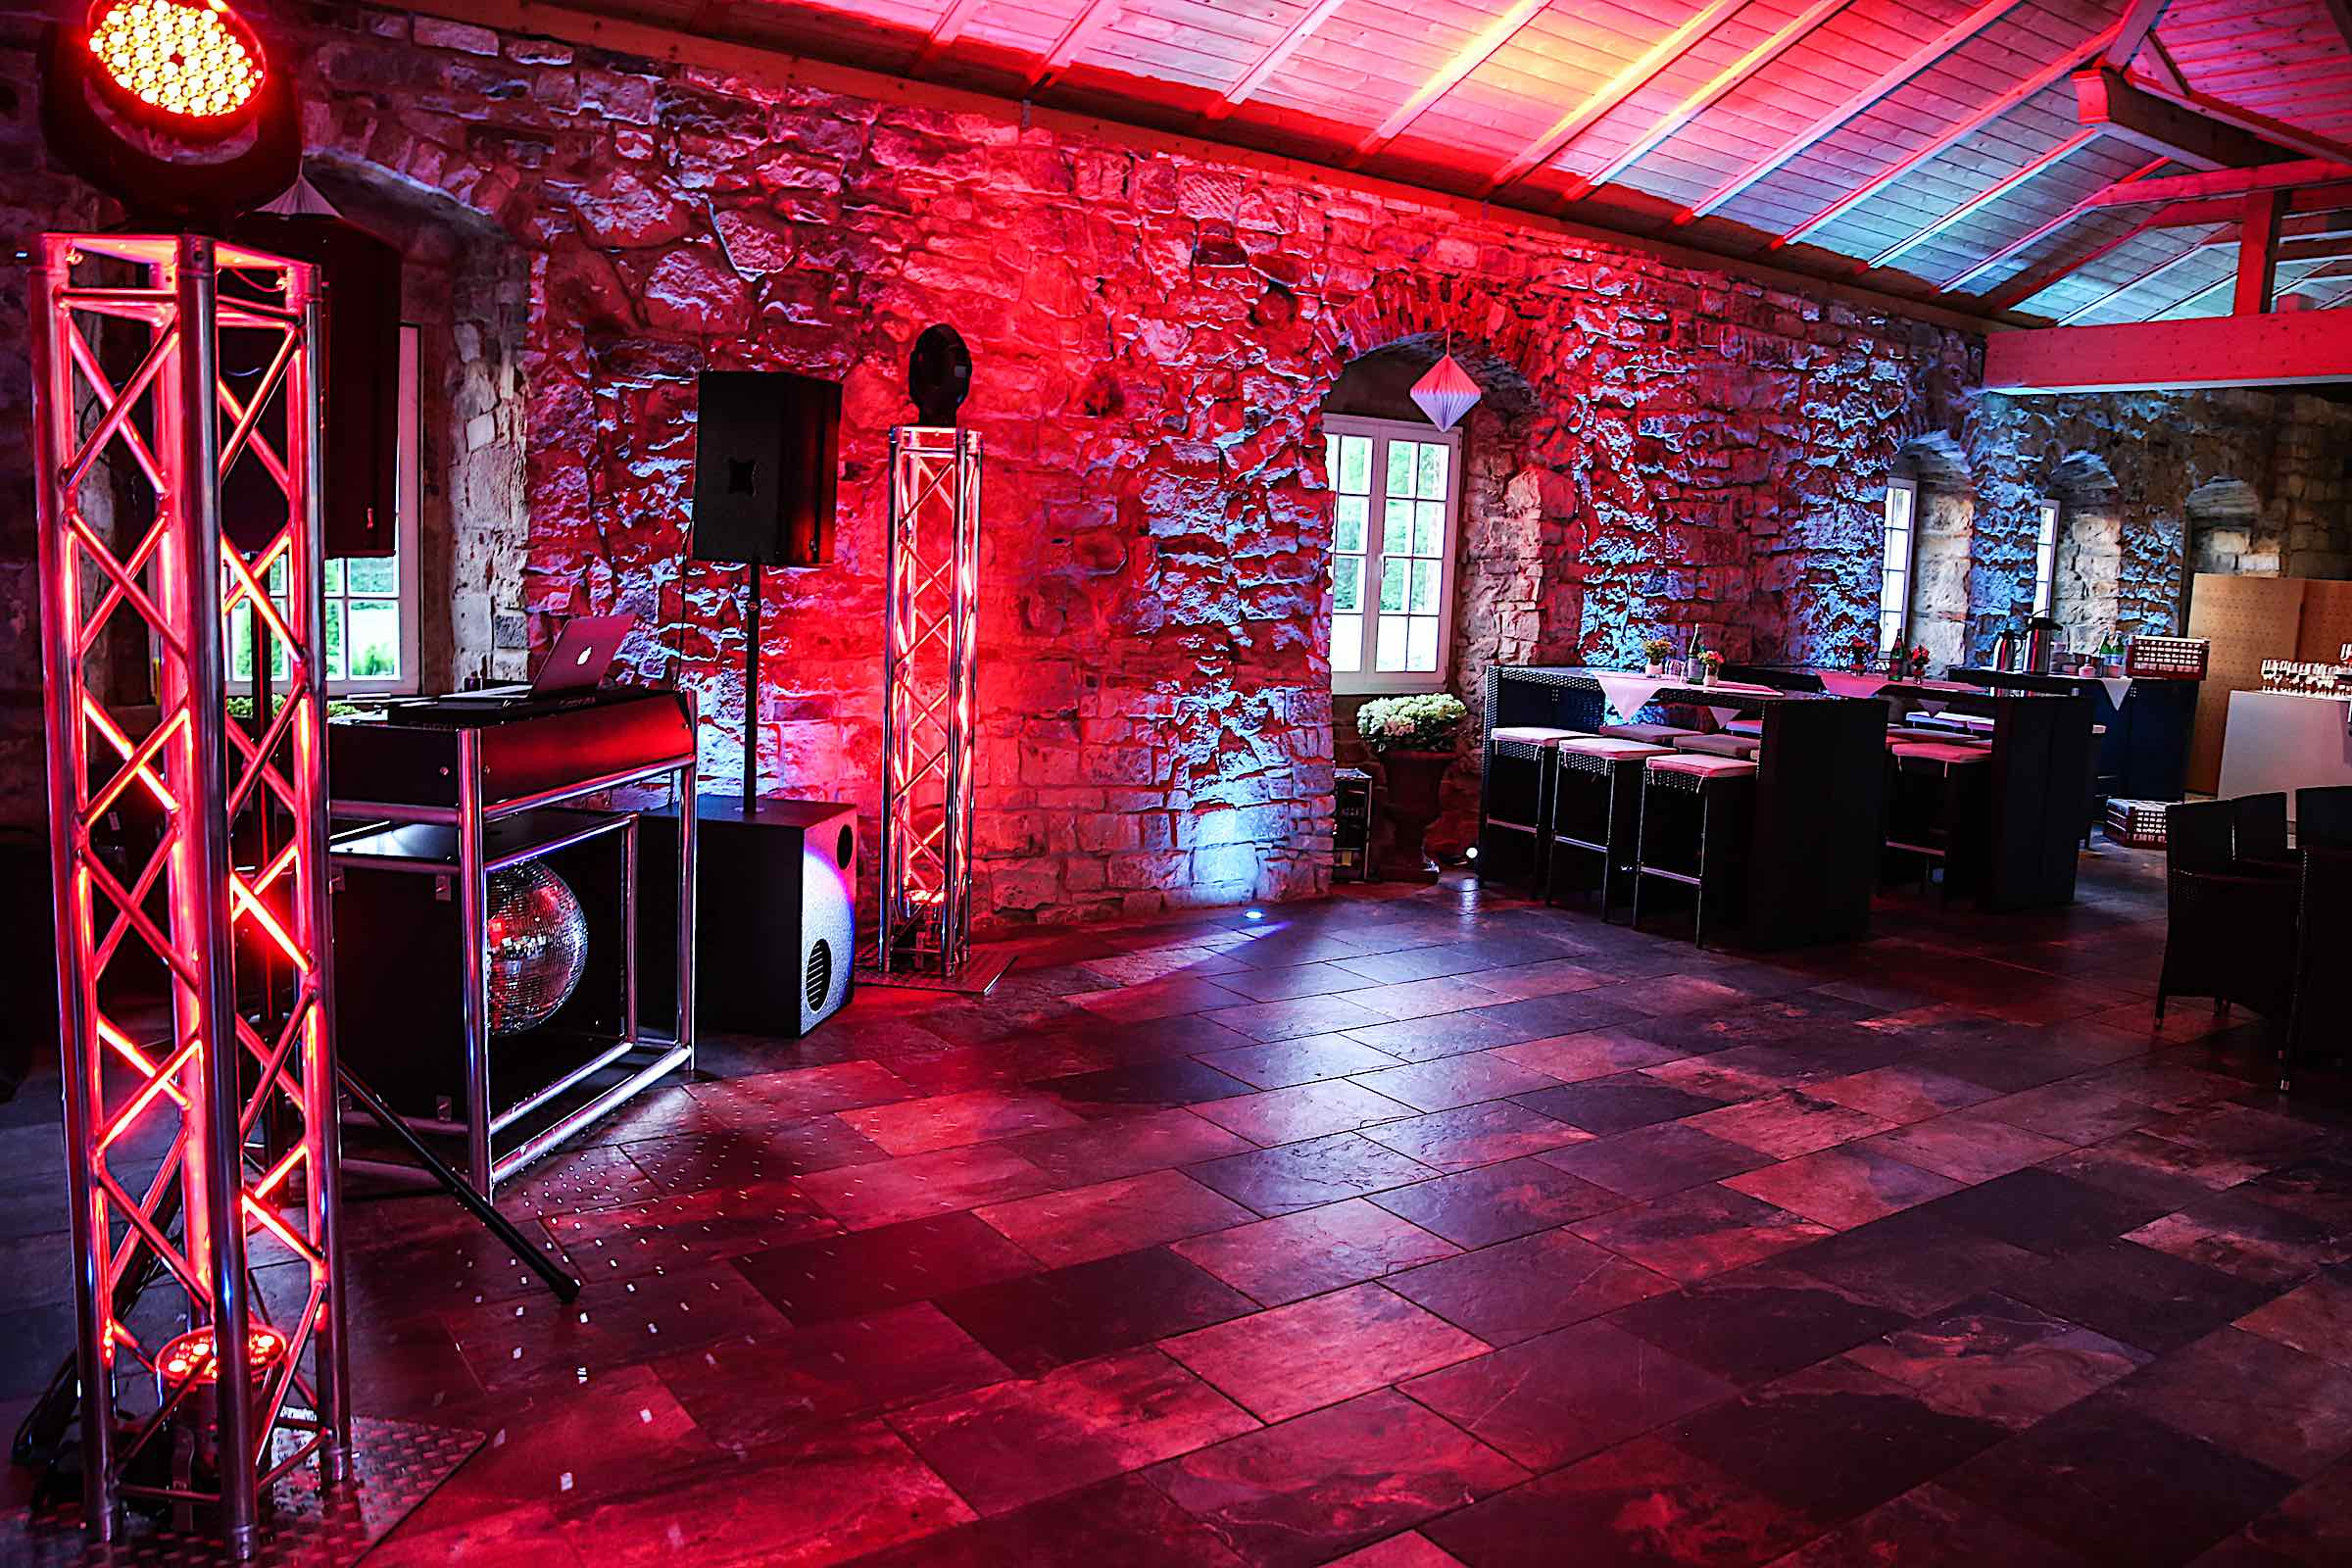 Schloss   Hammerstein   Apelern   Hochzeit   Geburtstag   Firmenfeier   Referenz   Location   DJ   Fotografie   Beleuchtung   Hochzeitsplanung   Hochzeitsplaner   Lehmann   Eventservice